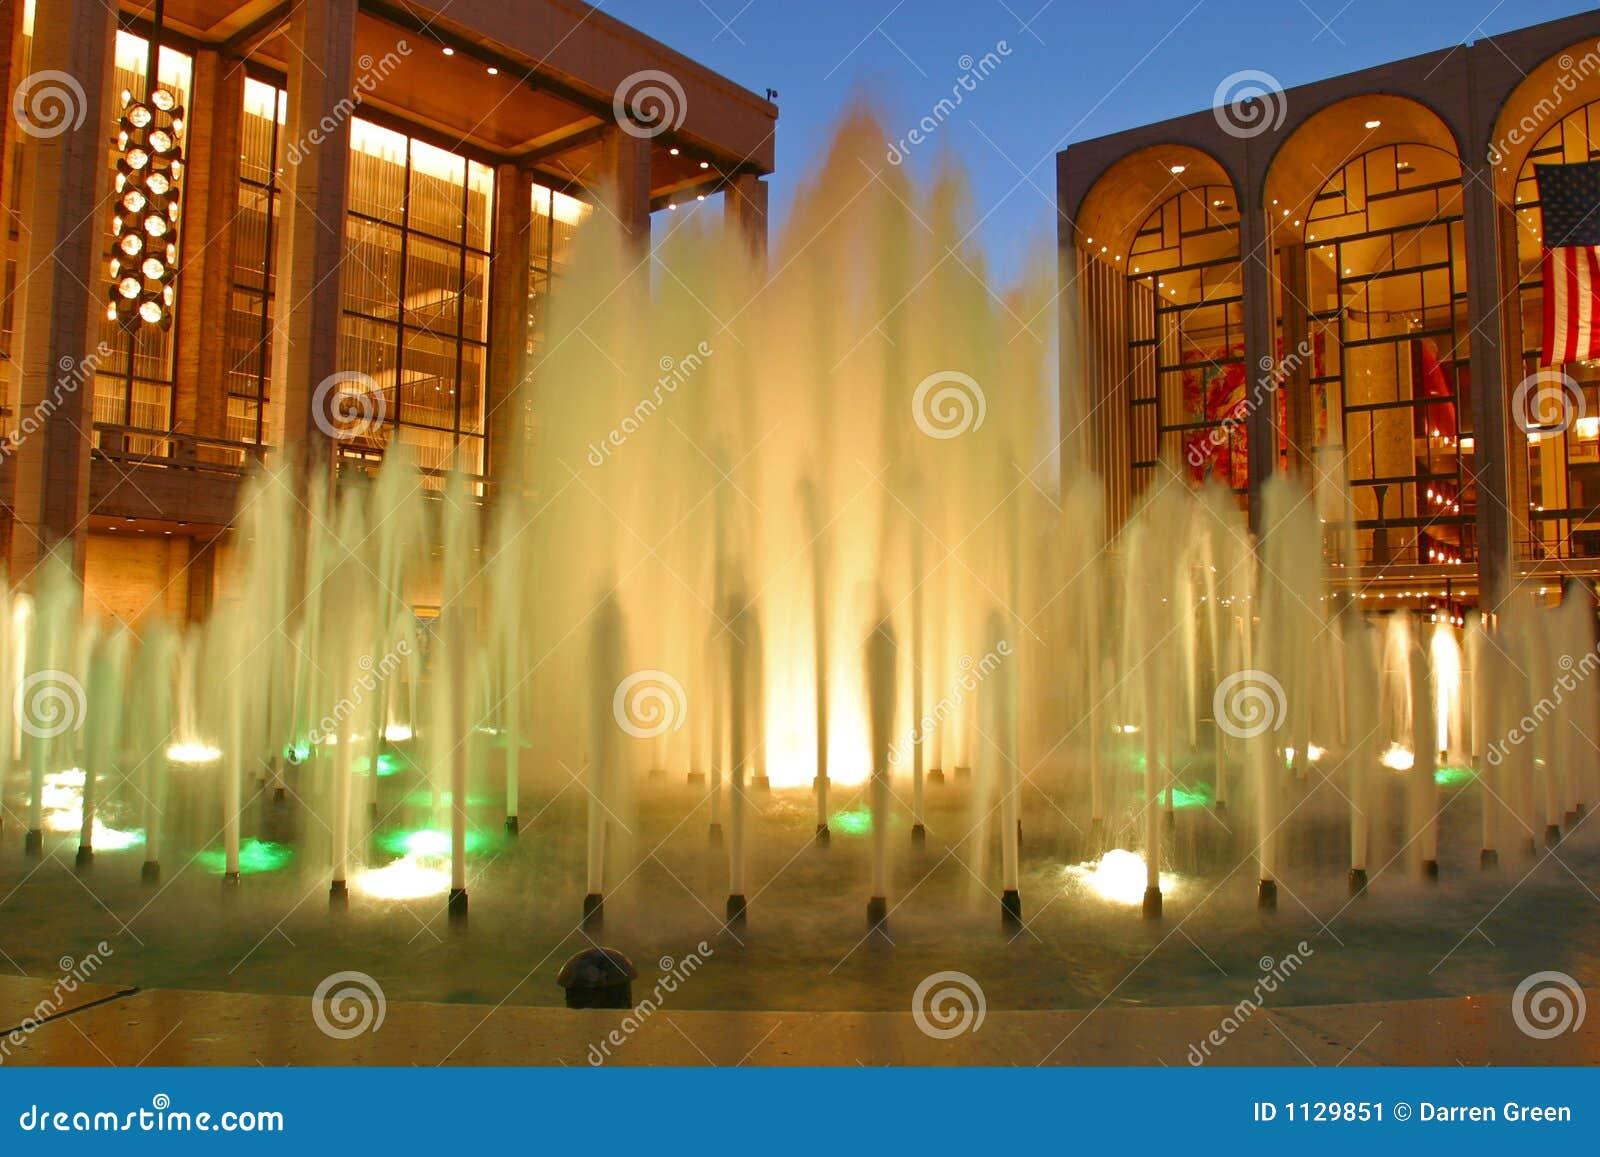 Centrum fontanny Lincoln nowy York na zewnątrz